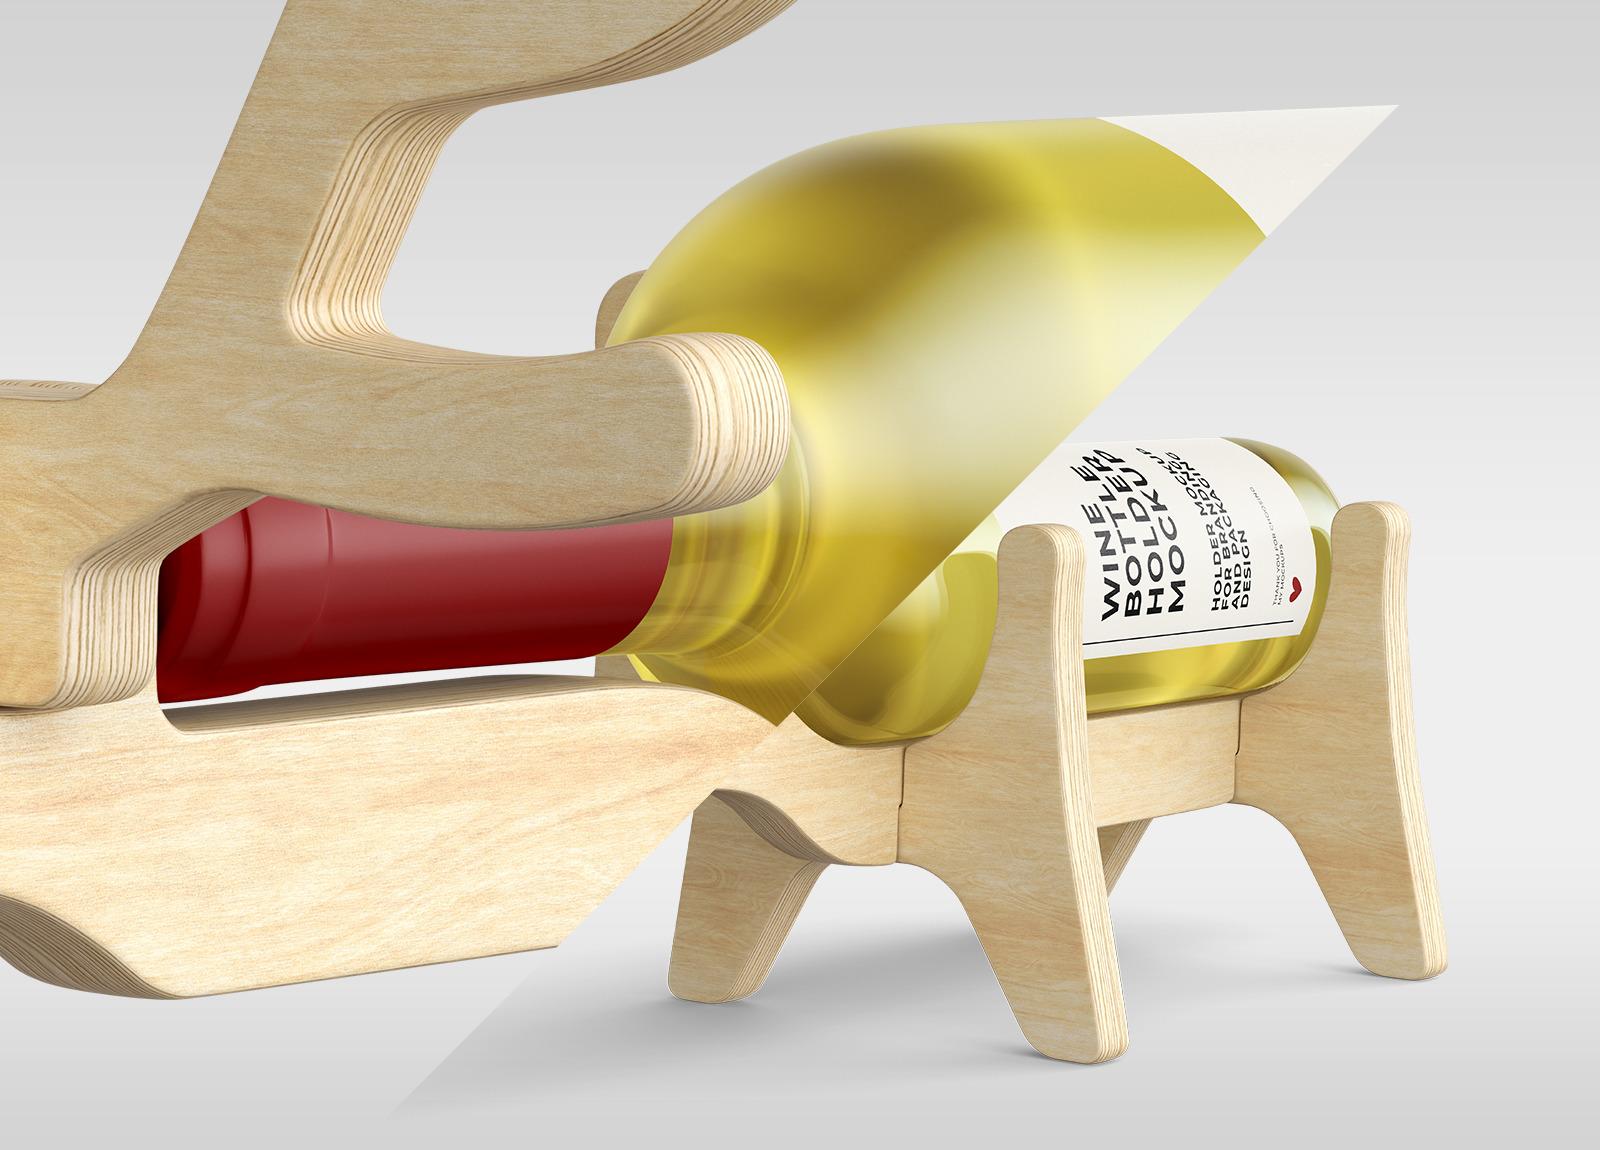 Deer Wine Bottle Holder Mockups - Two Views